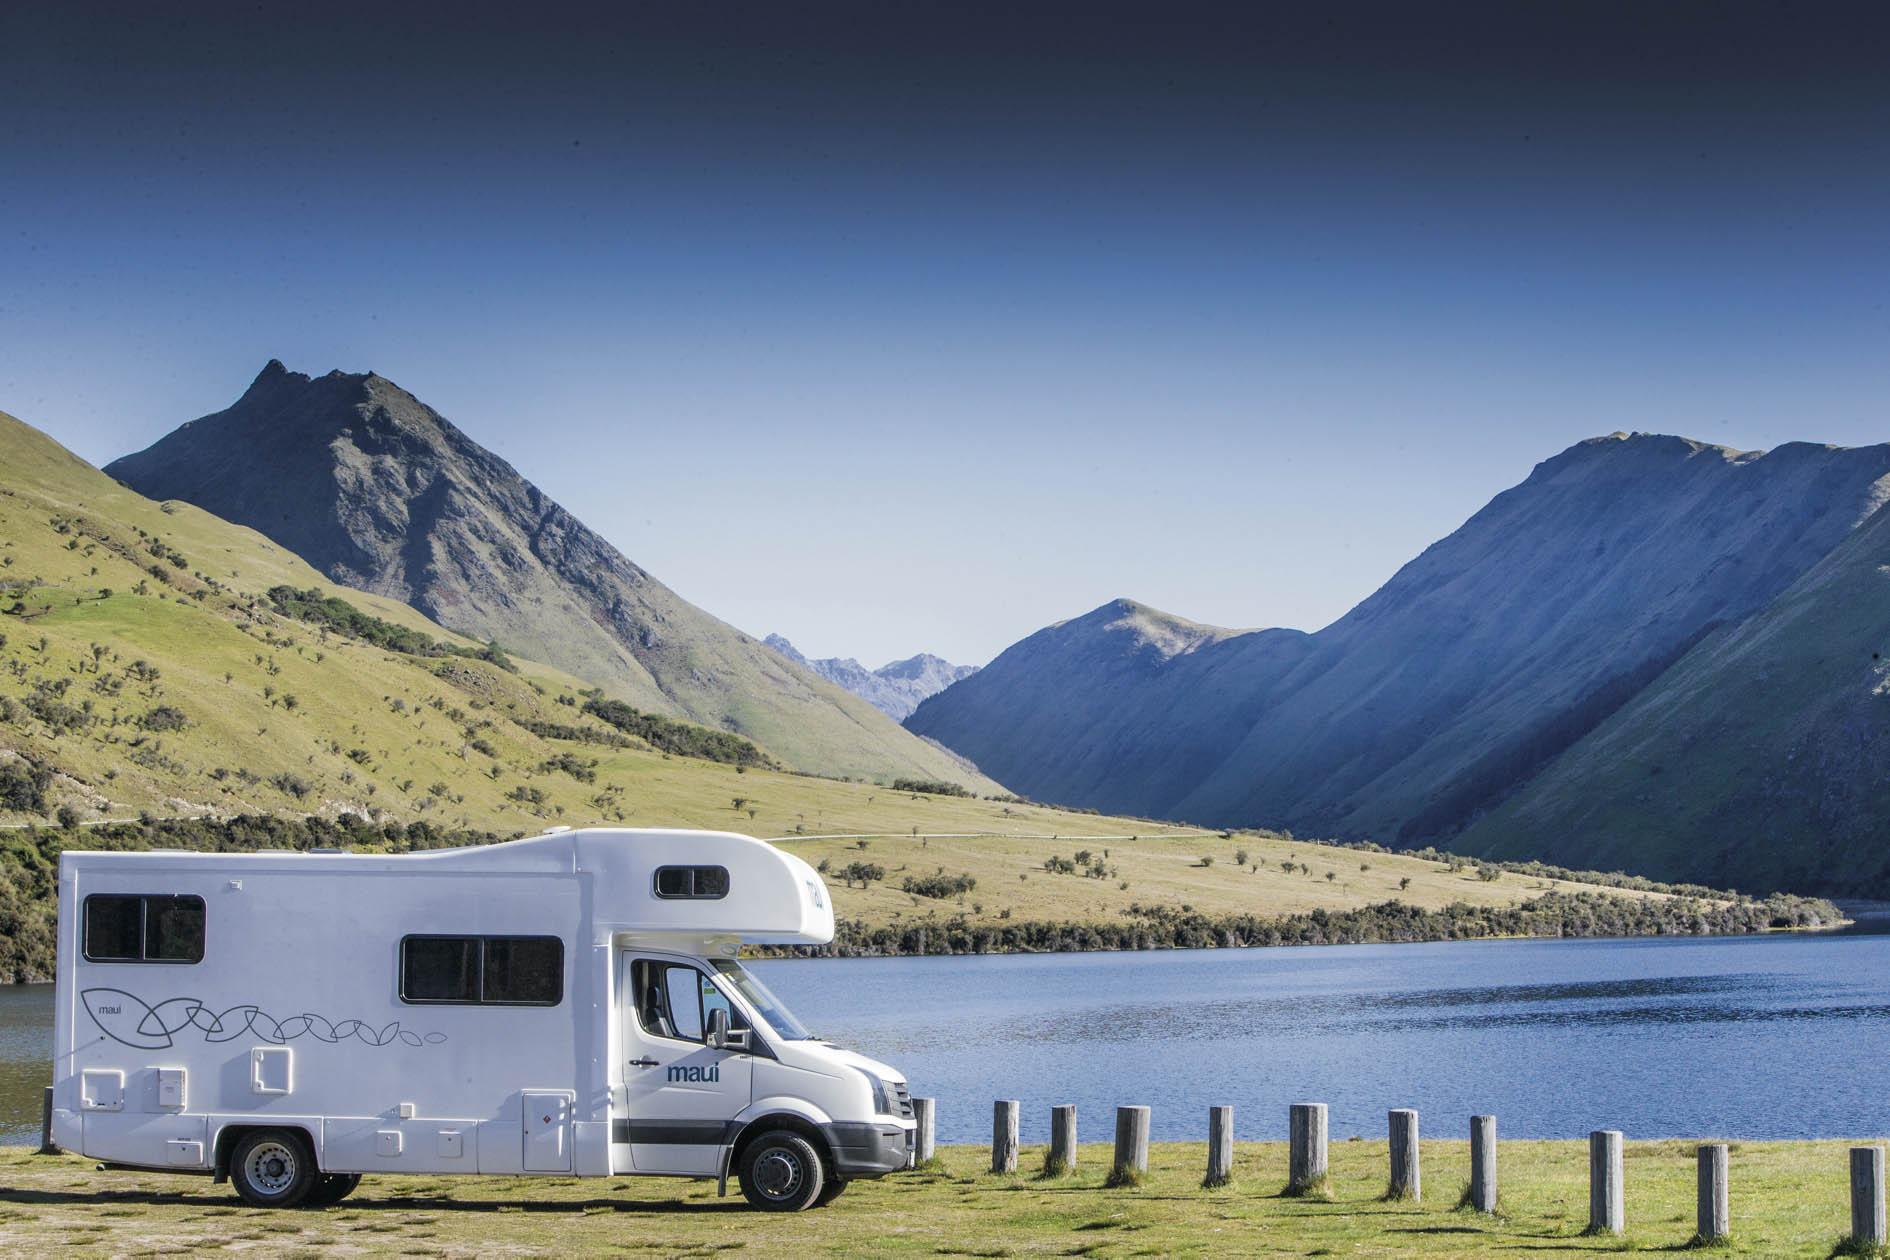 Mau Tahu Serba Serbi Liburan Dengan Campervan? Yuk, Simak Tulisan Di Bawah  Ini! | Yuktravel Blog